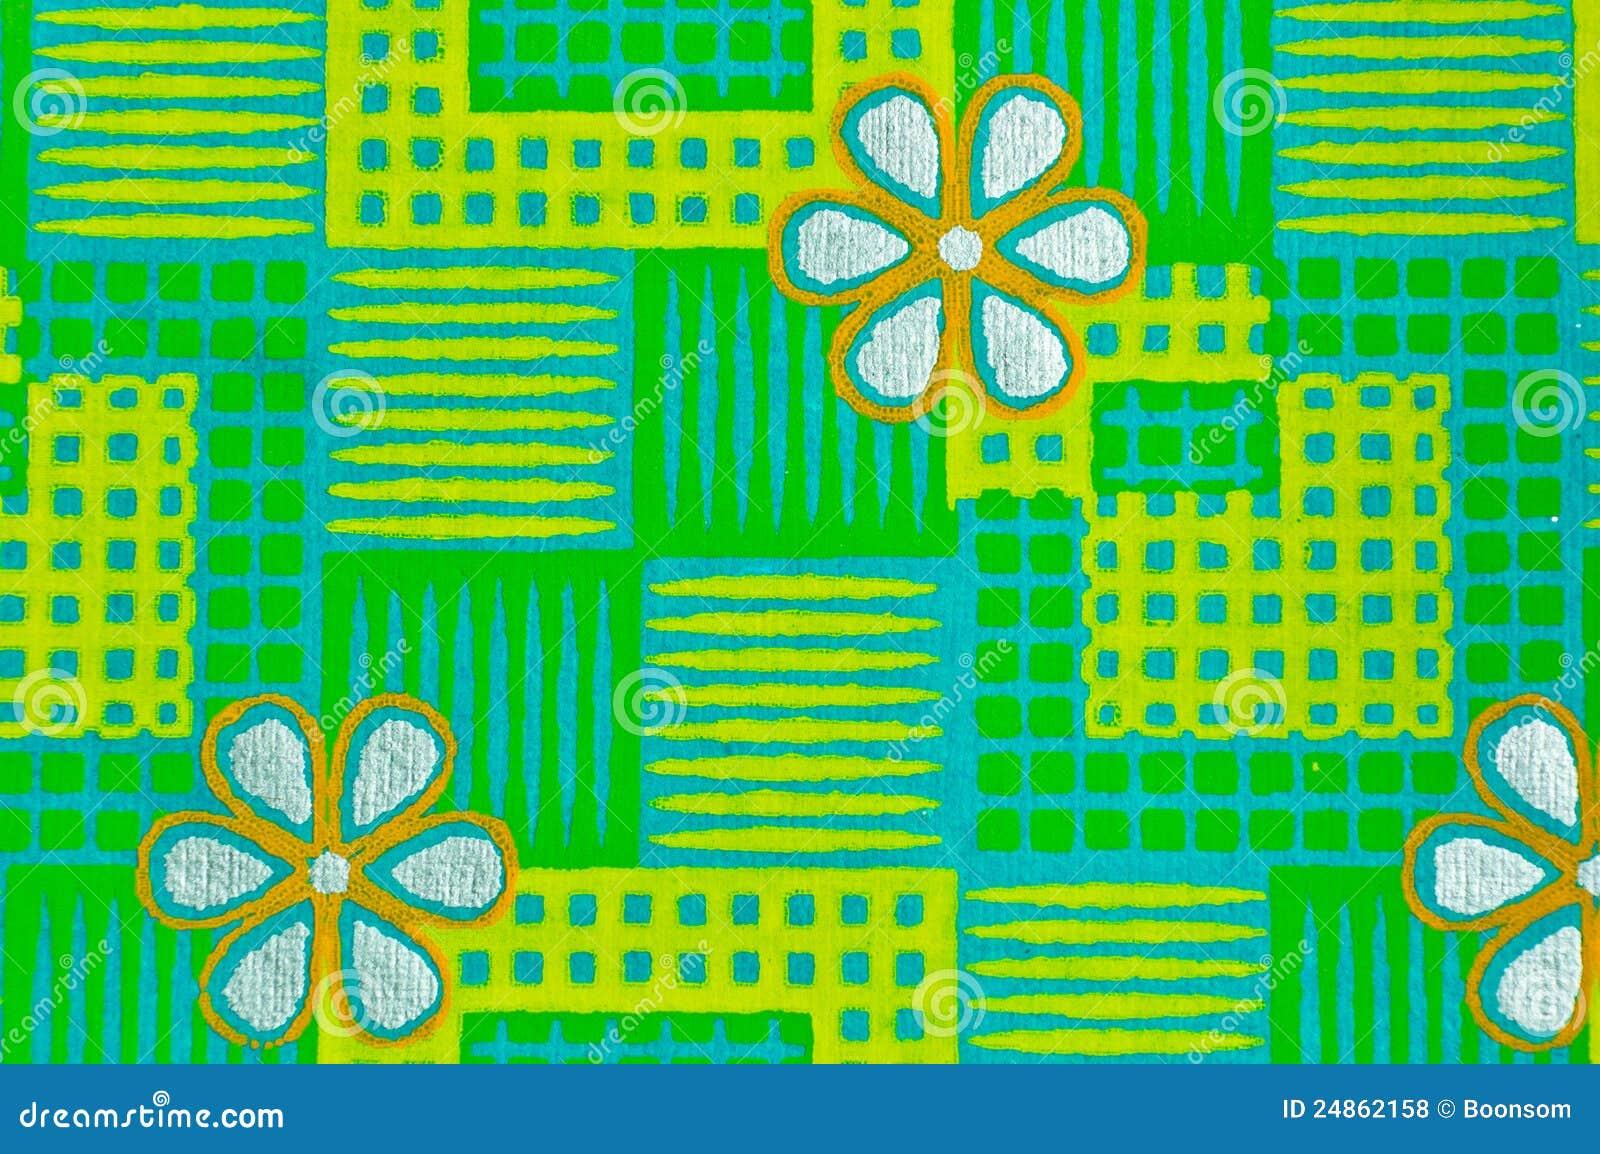 Papel decorativo verde foto de stock imagem de ornate 24862158 - Papel autoadhesivo decorativo ...